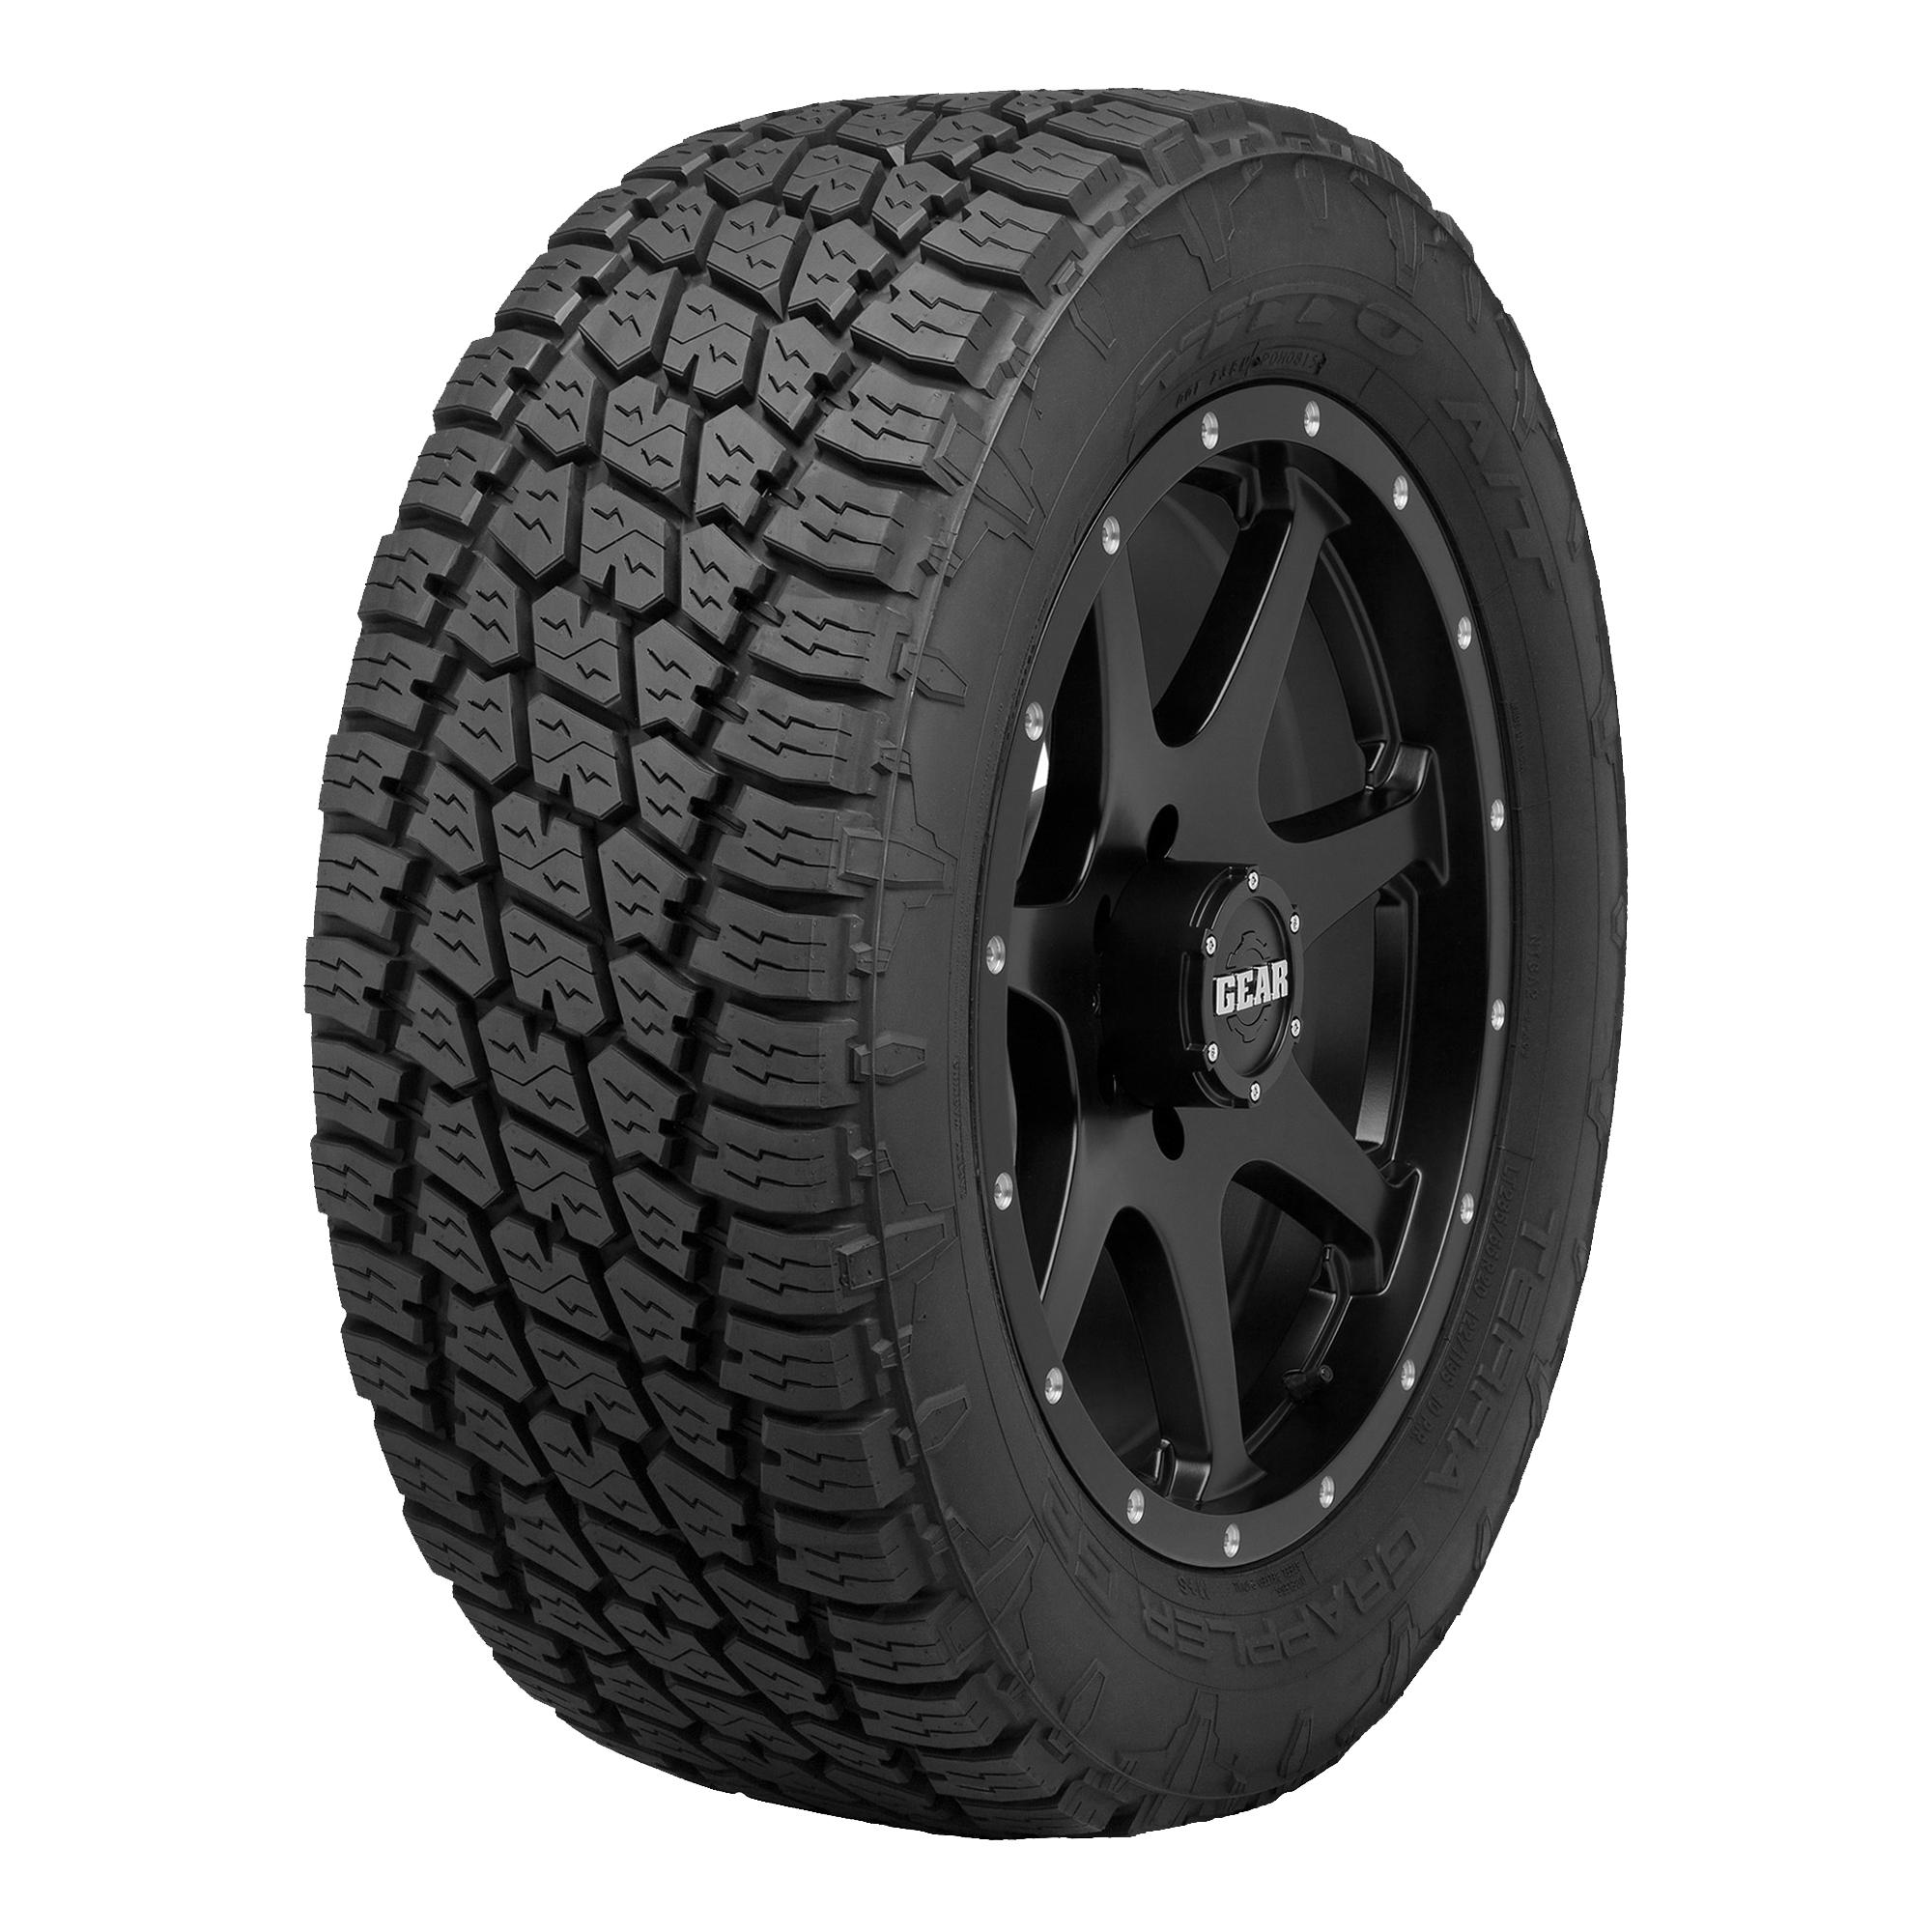 Michelin DISC PER ATDMichelin HydroEdge Tire P235/55R17 98T